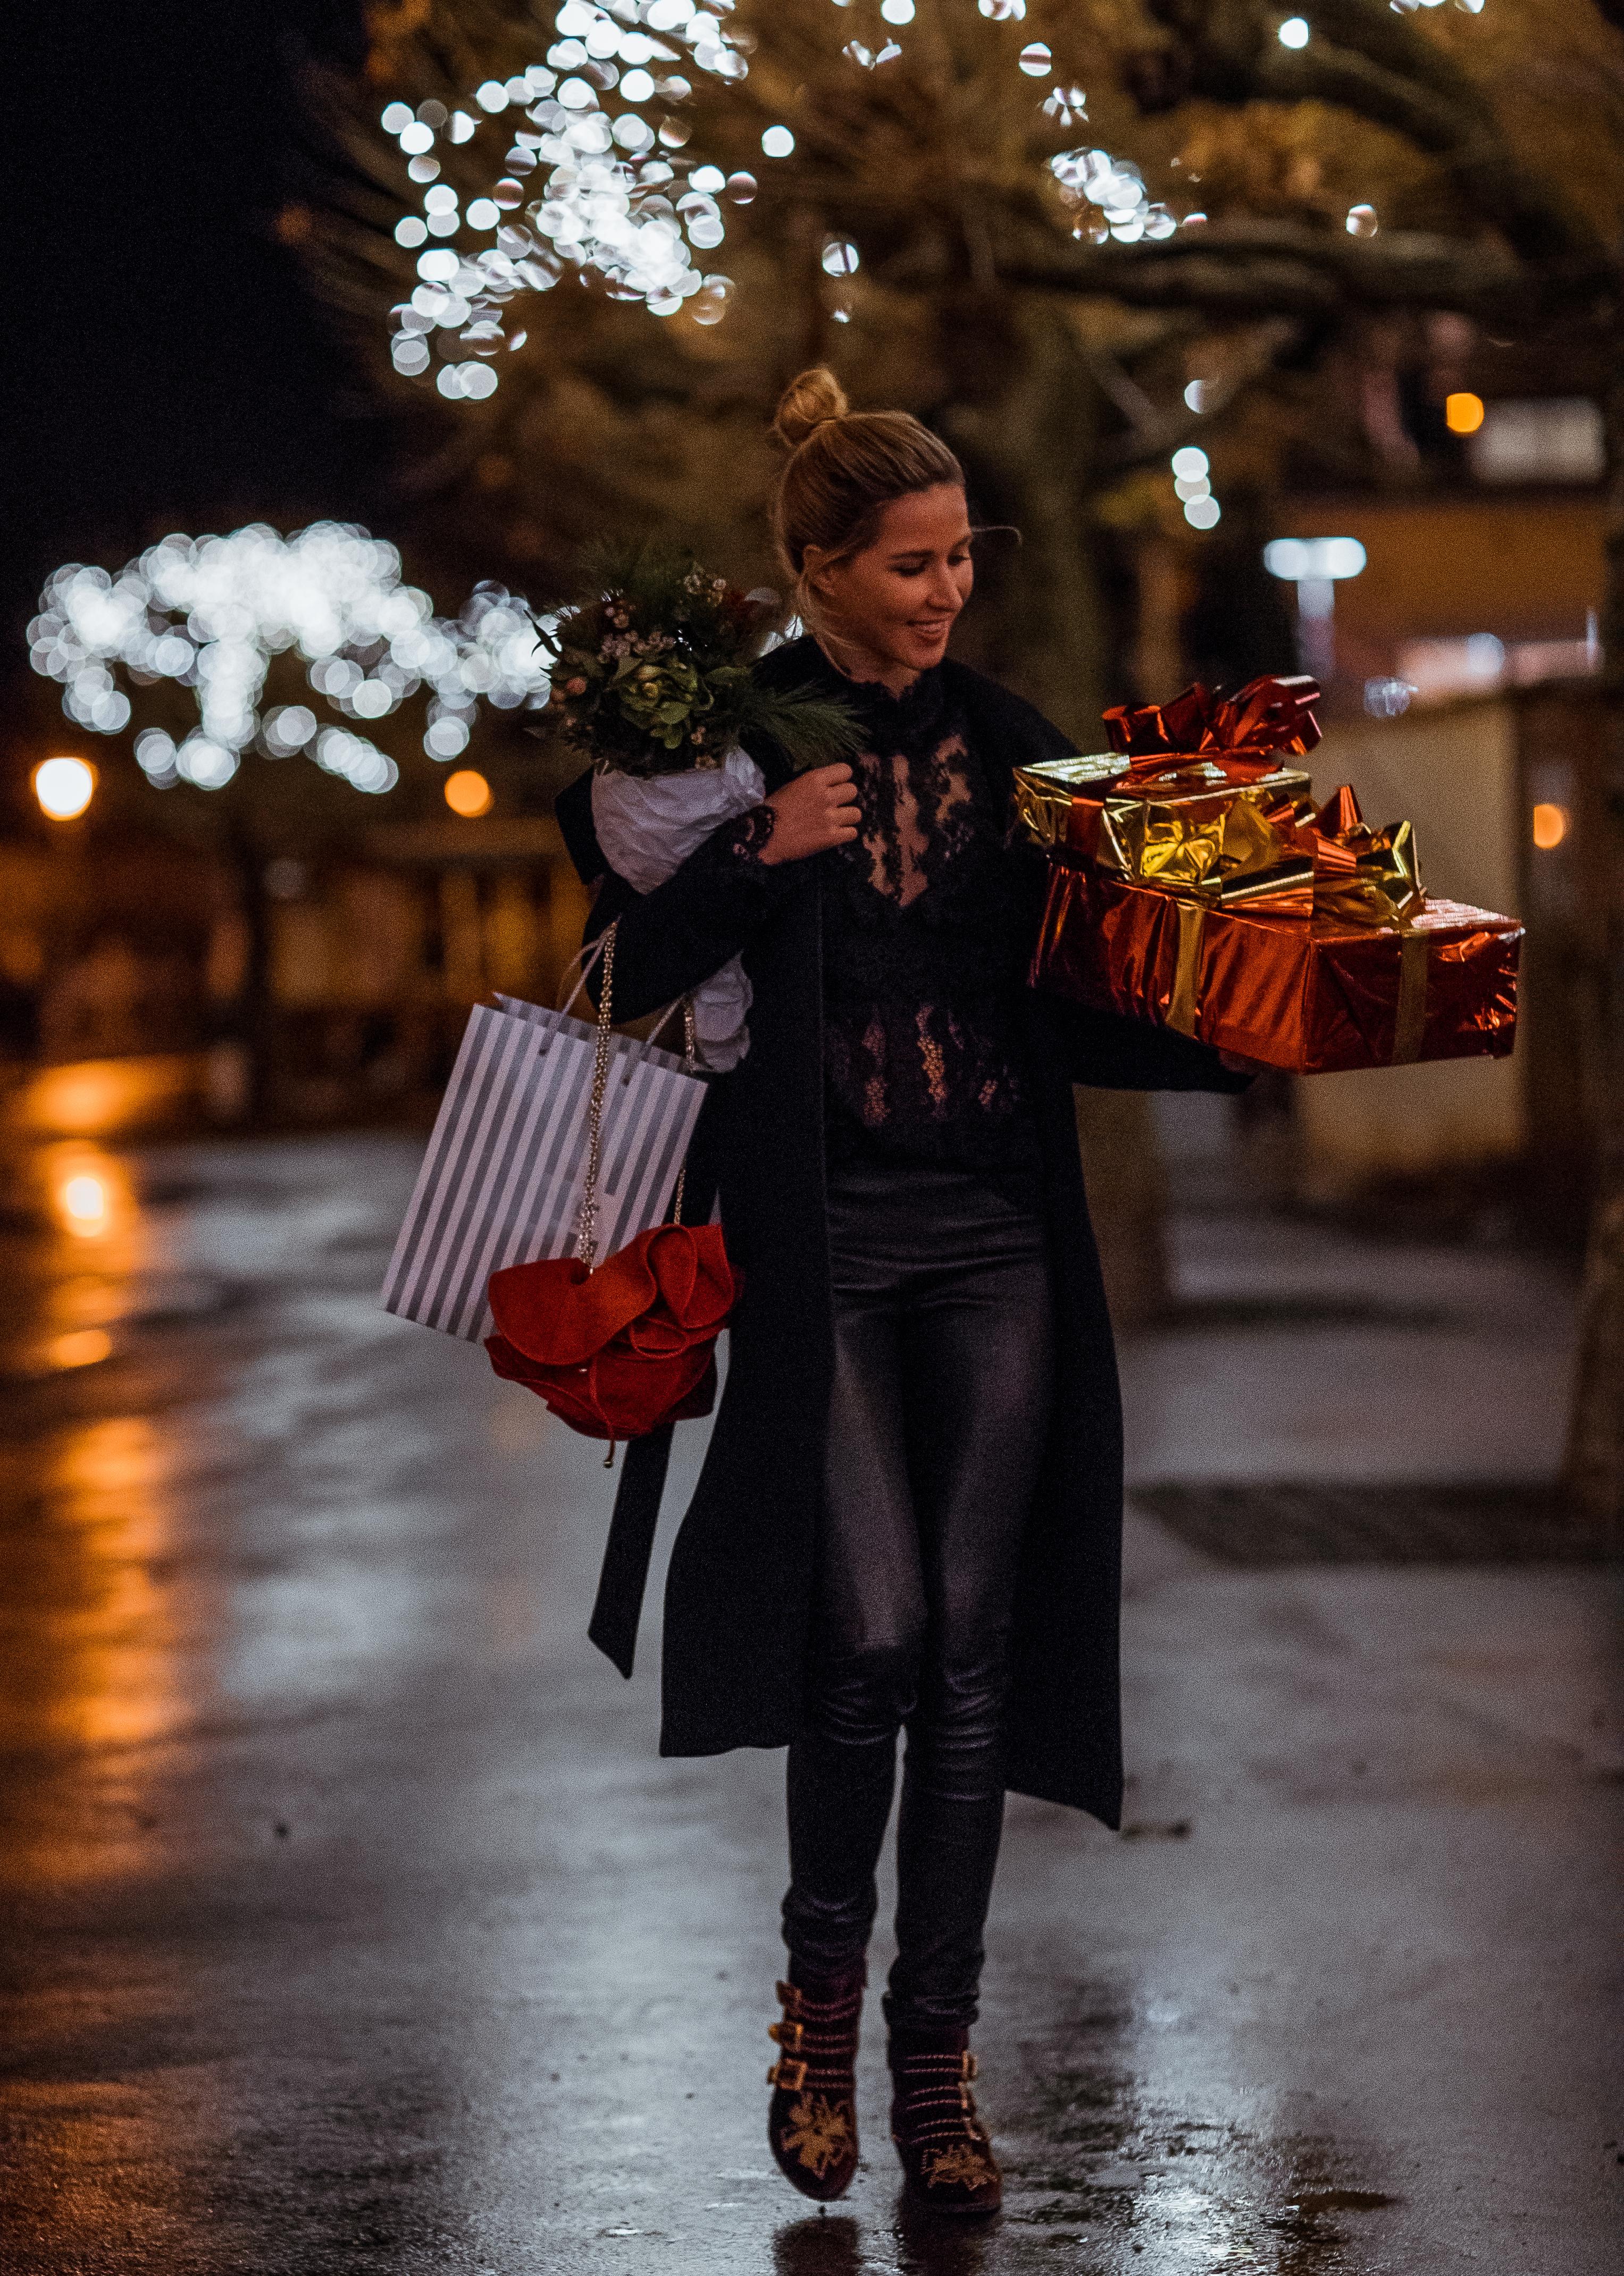 fashionblog-fashionblogger-fashion-blog-blogger-mode-lindarella-stylebop-weihnachten-christmas_04